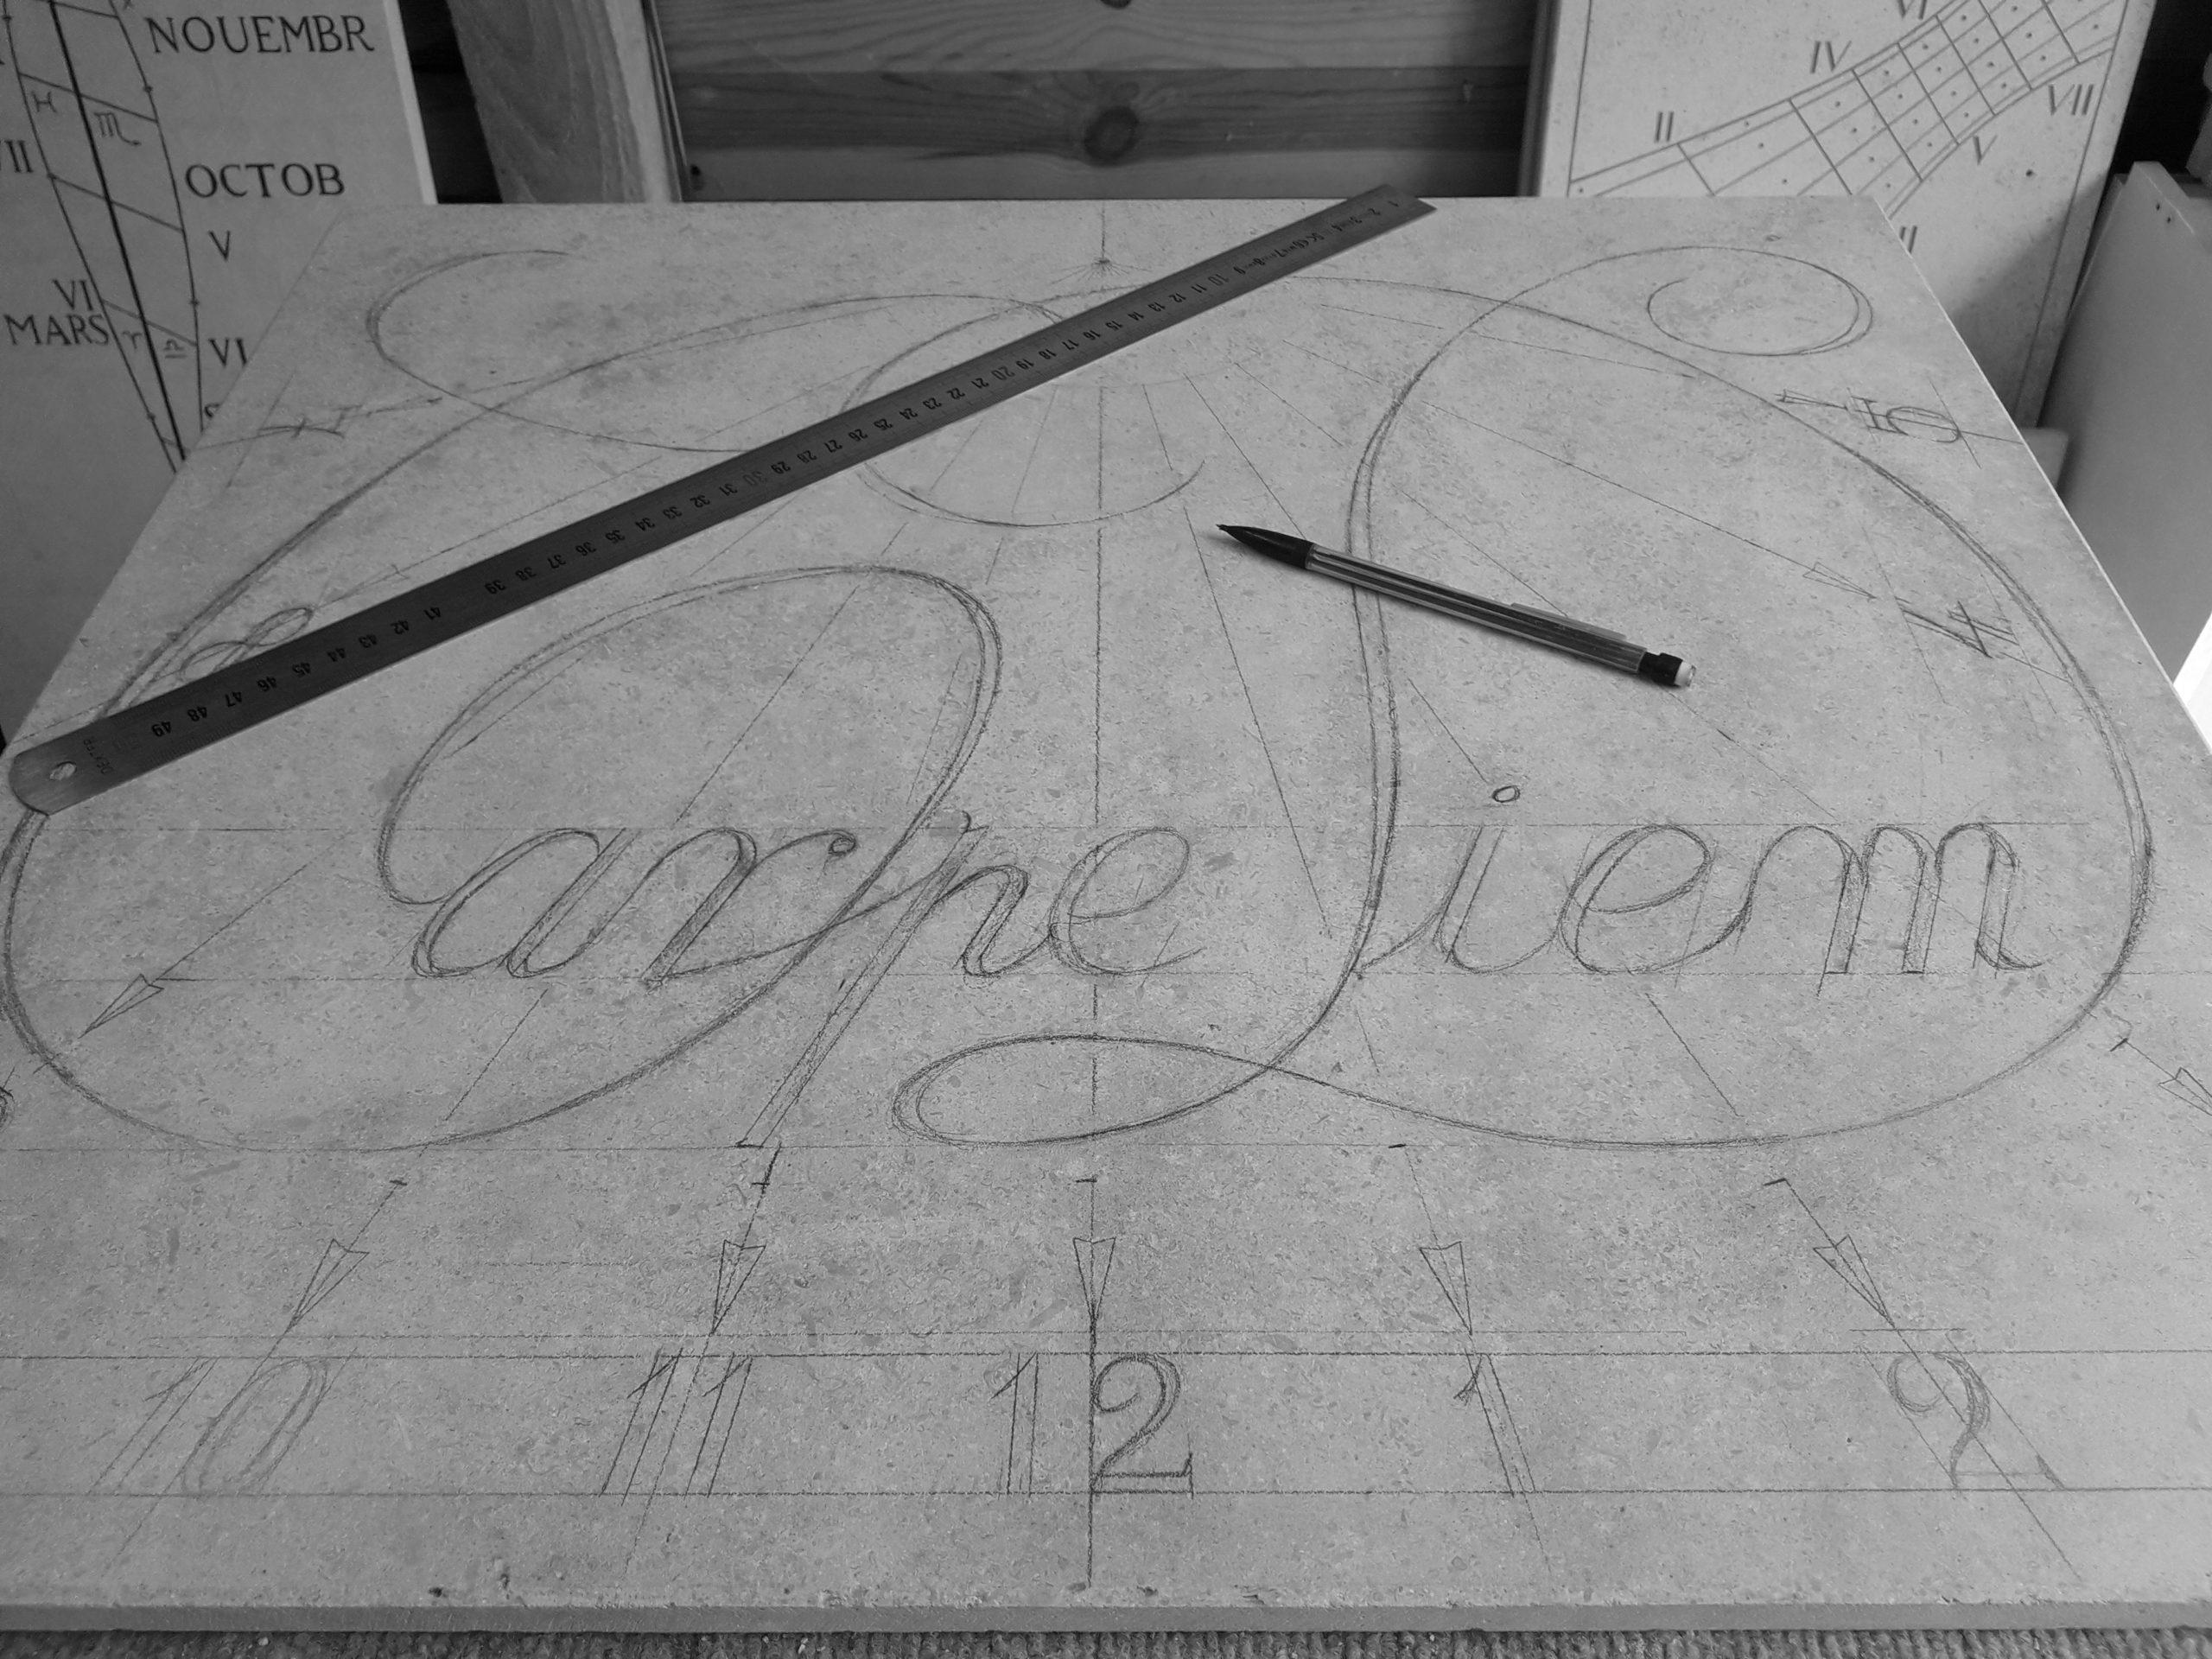 Tracé d'un cadran solaire en pierre avec une calligraphie de carpe diem